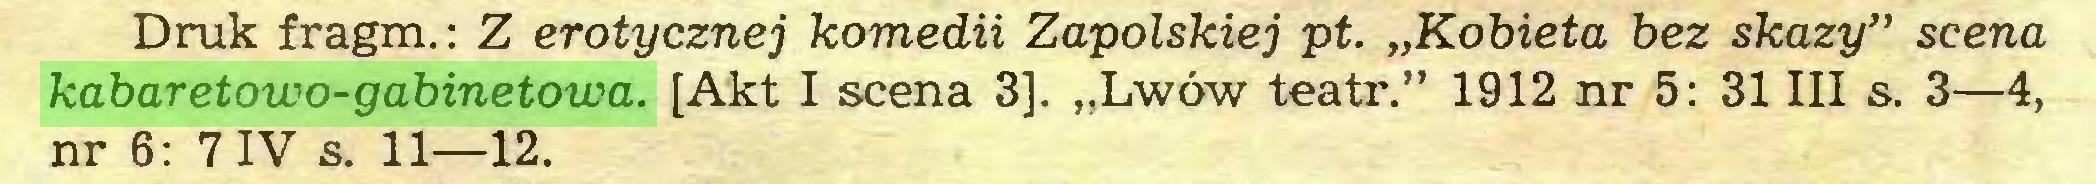 """(...) Druk fragm.: Z erotycznej komedii Zapolskiej pt. """"Kobieta bez skazy"""" scena kabaretowo-gabinetowa. [Akt I scena 3]. """"Lwów teatr."""" 1912 nr 5: 31 III s. 3—4, nr 6: 7 IV s. 11—12..."""